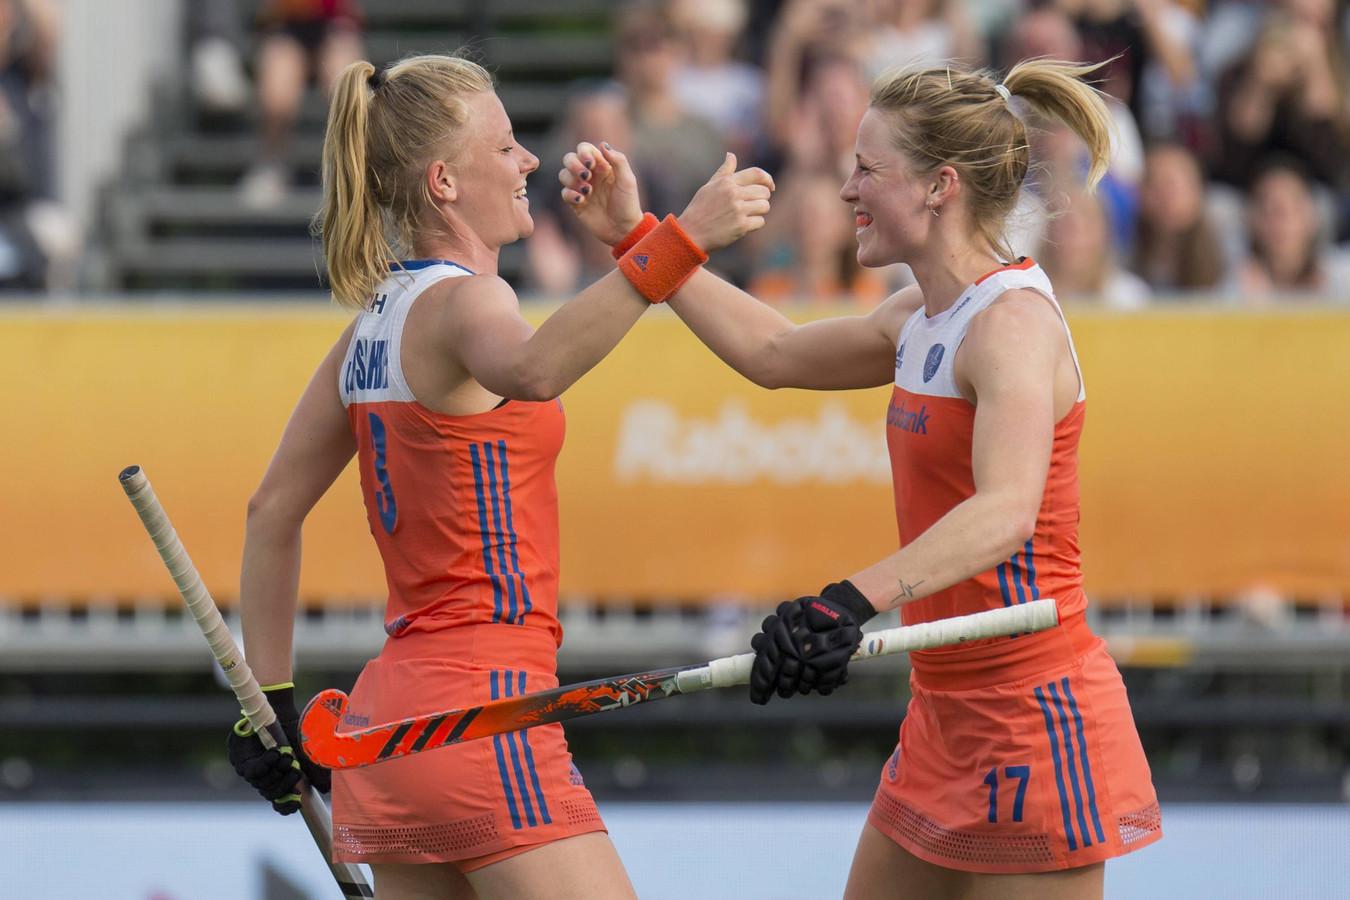 De Nederlandse hockeysters wonnen vijftien van de zestien wedstrijden in de groepsfase.